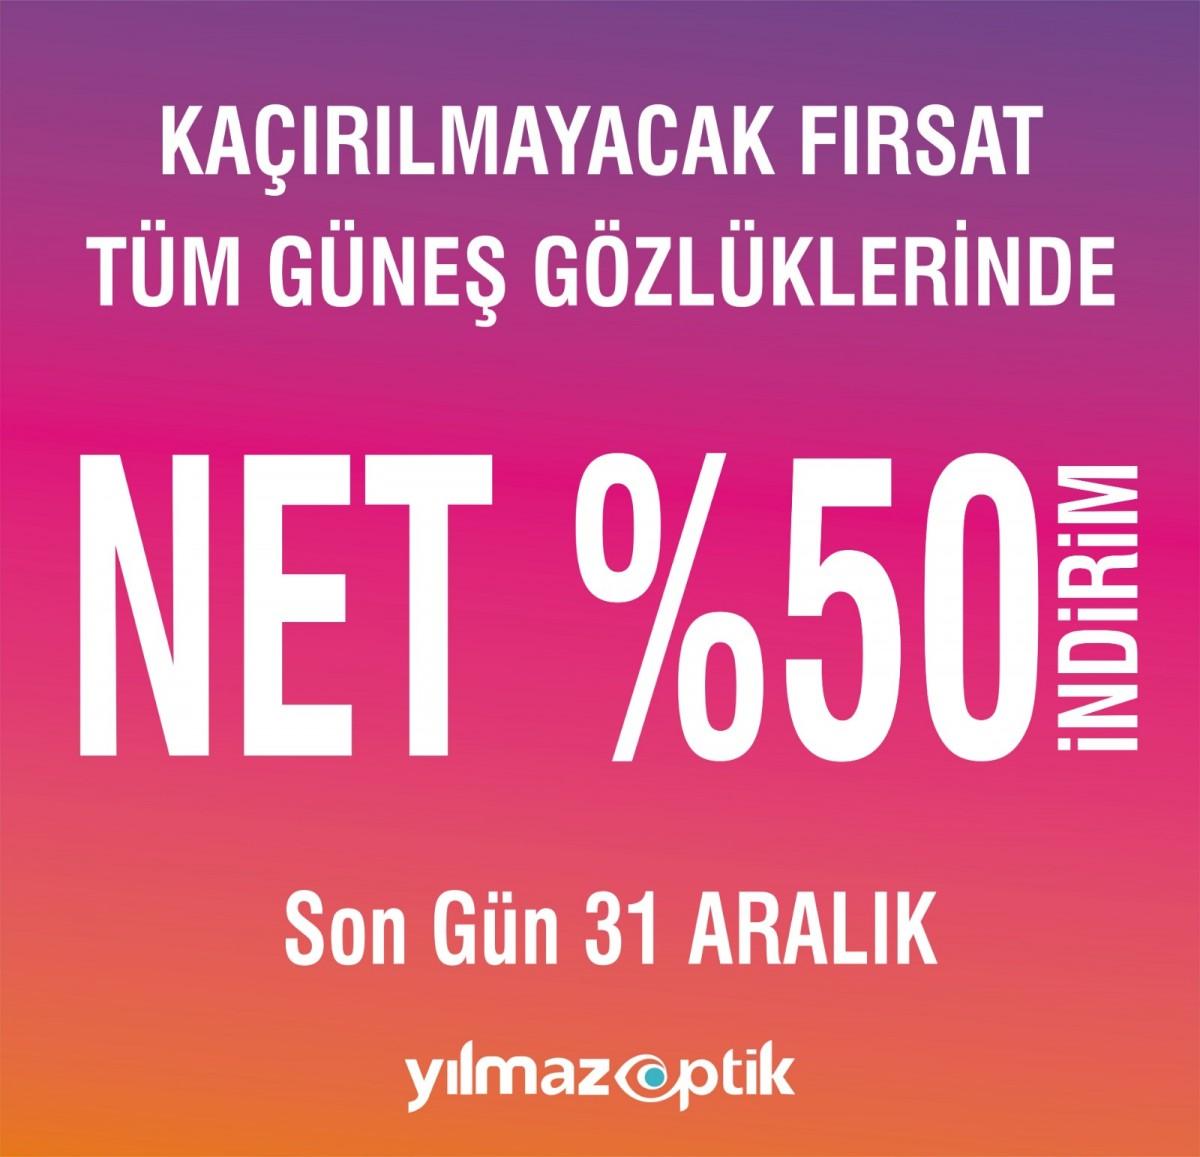 #AntalyaMigros AVM Yılmaz Optik'te kaçırılmayacak fırsat!